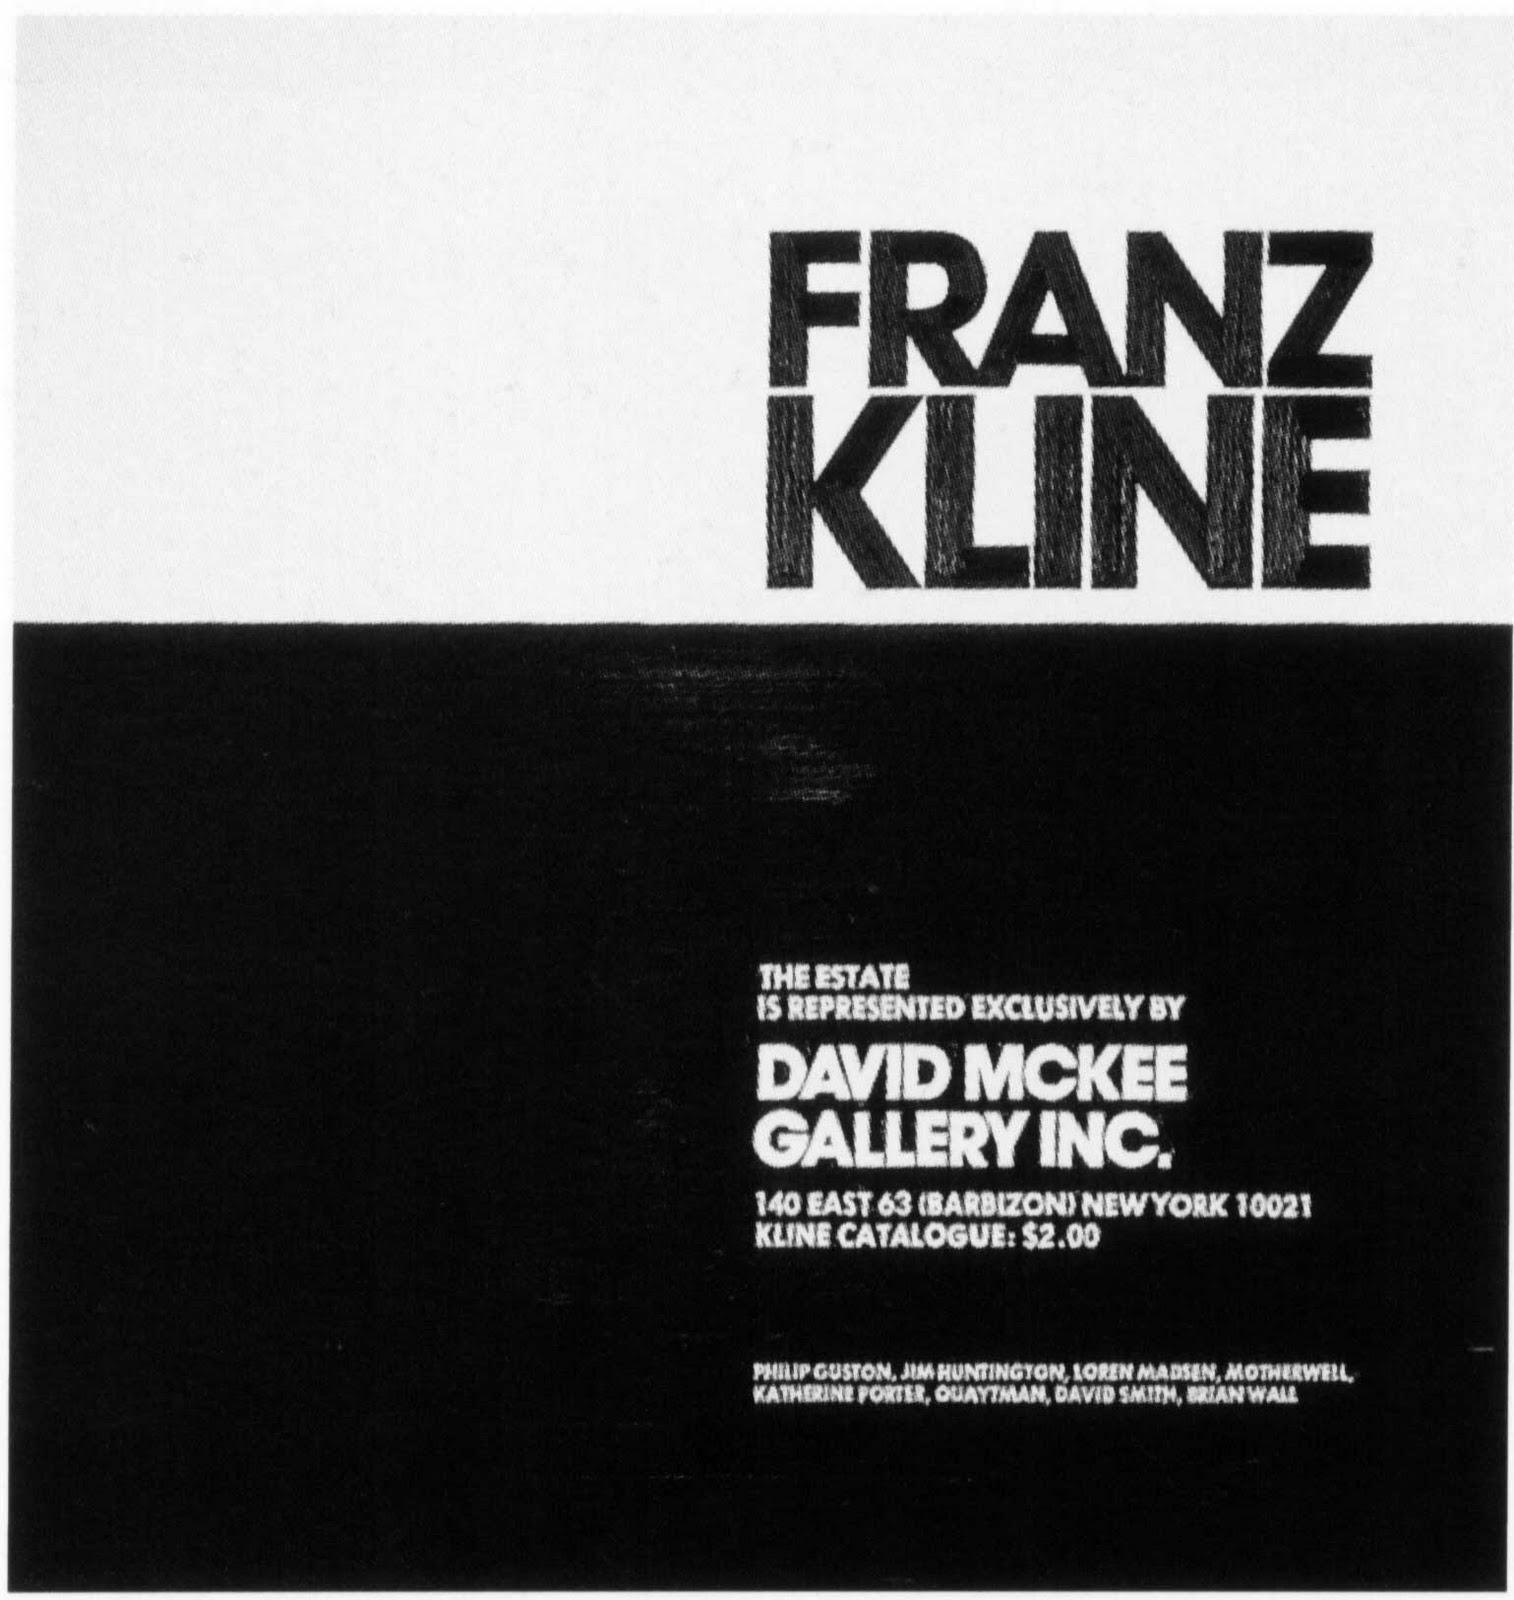 Franz Kline at David Mckee